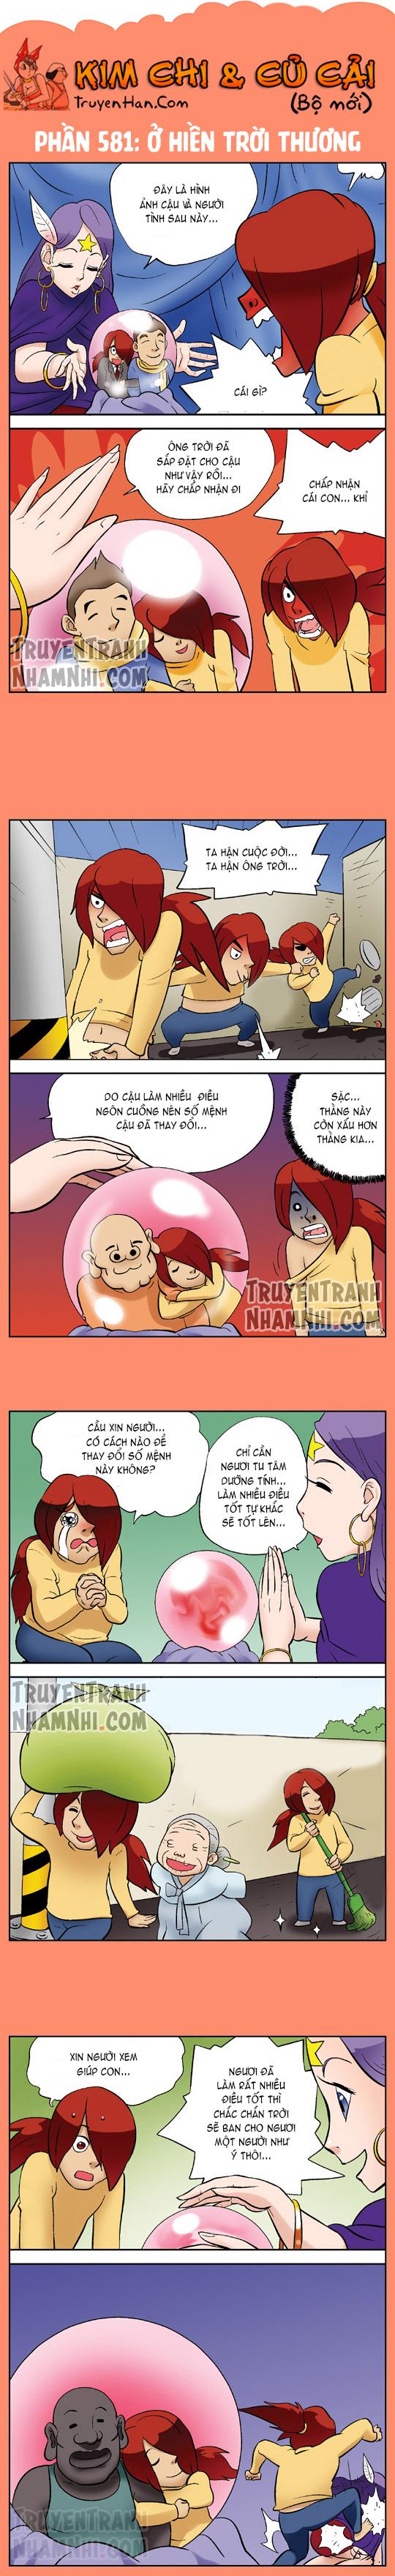 Kim Chi Và Củ Cải Phần 581: Ở hiền trời thương